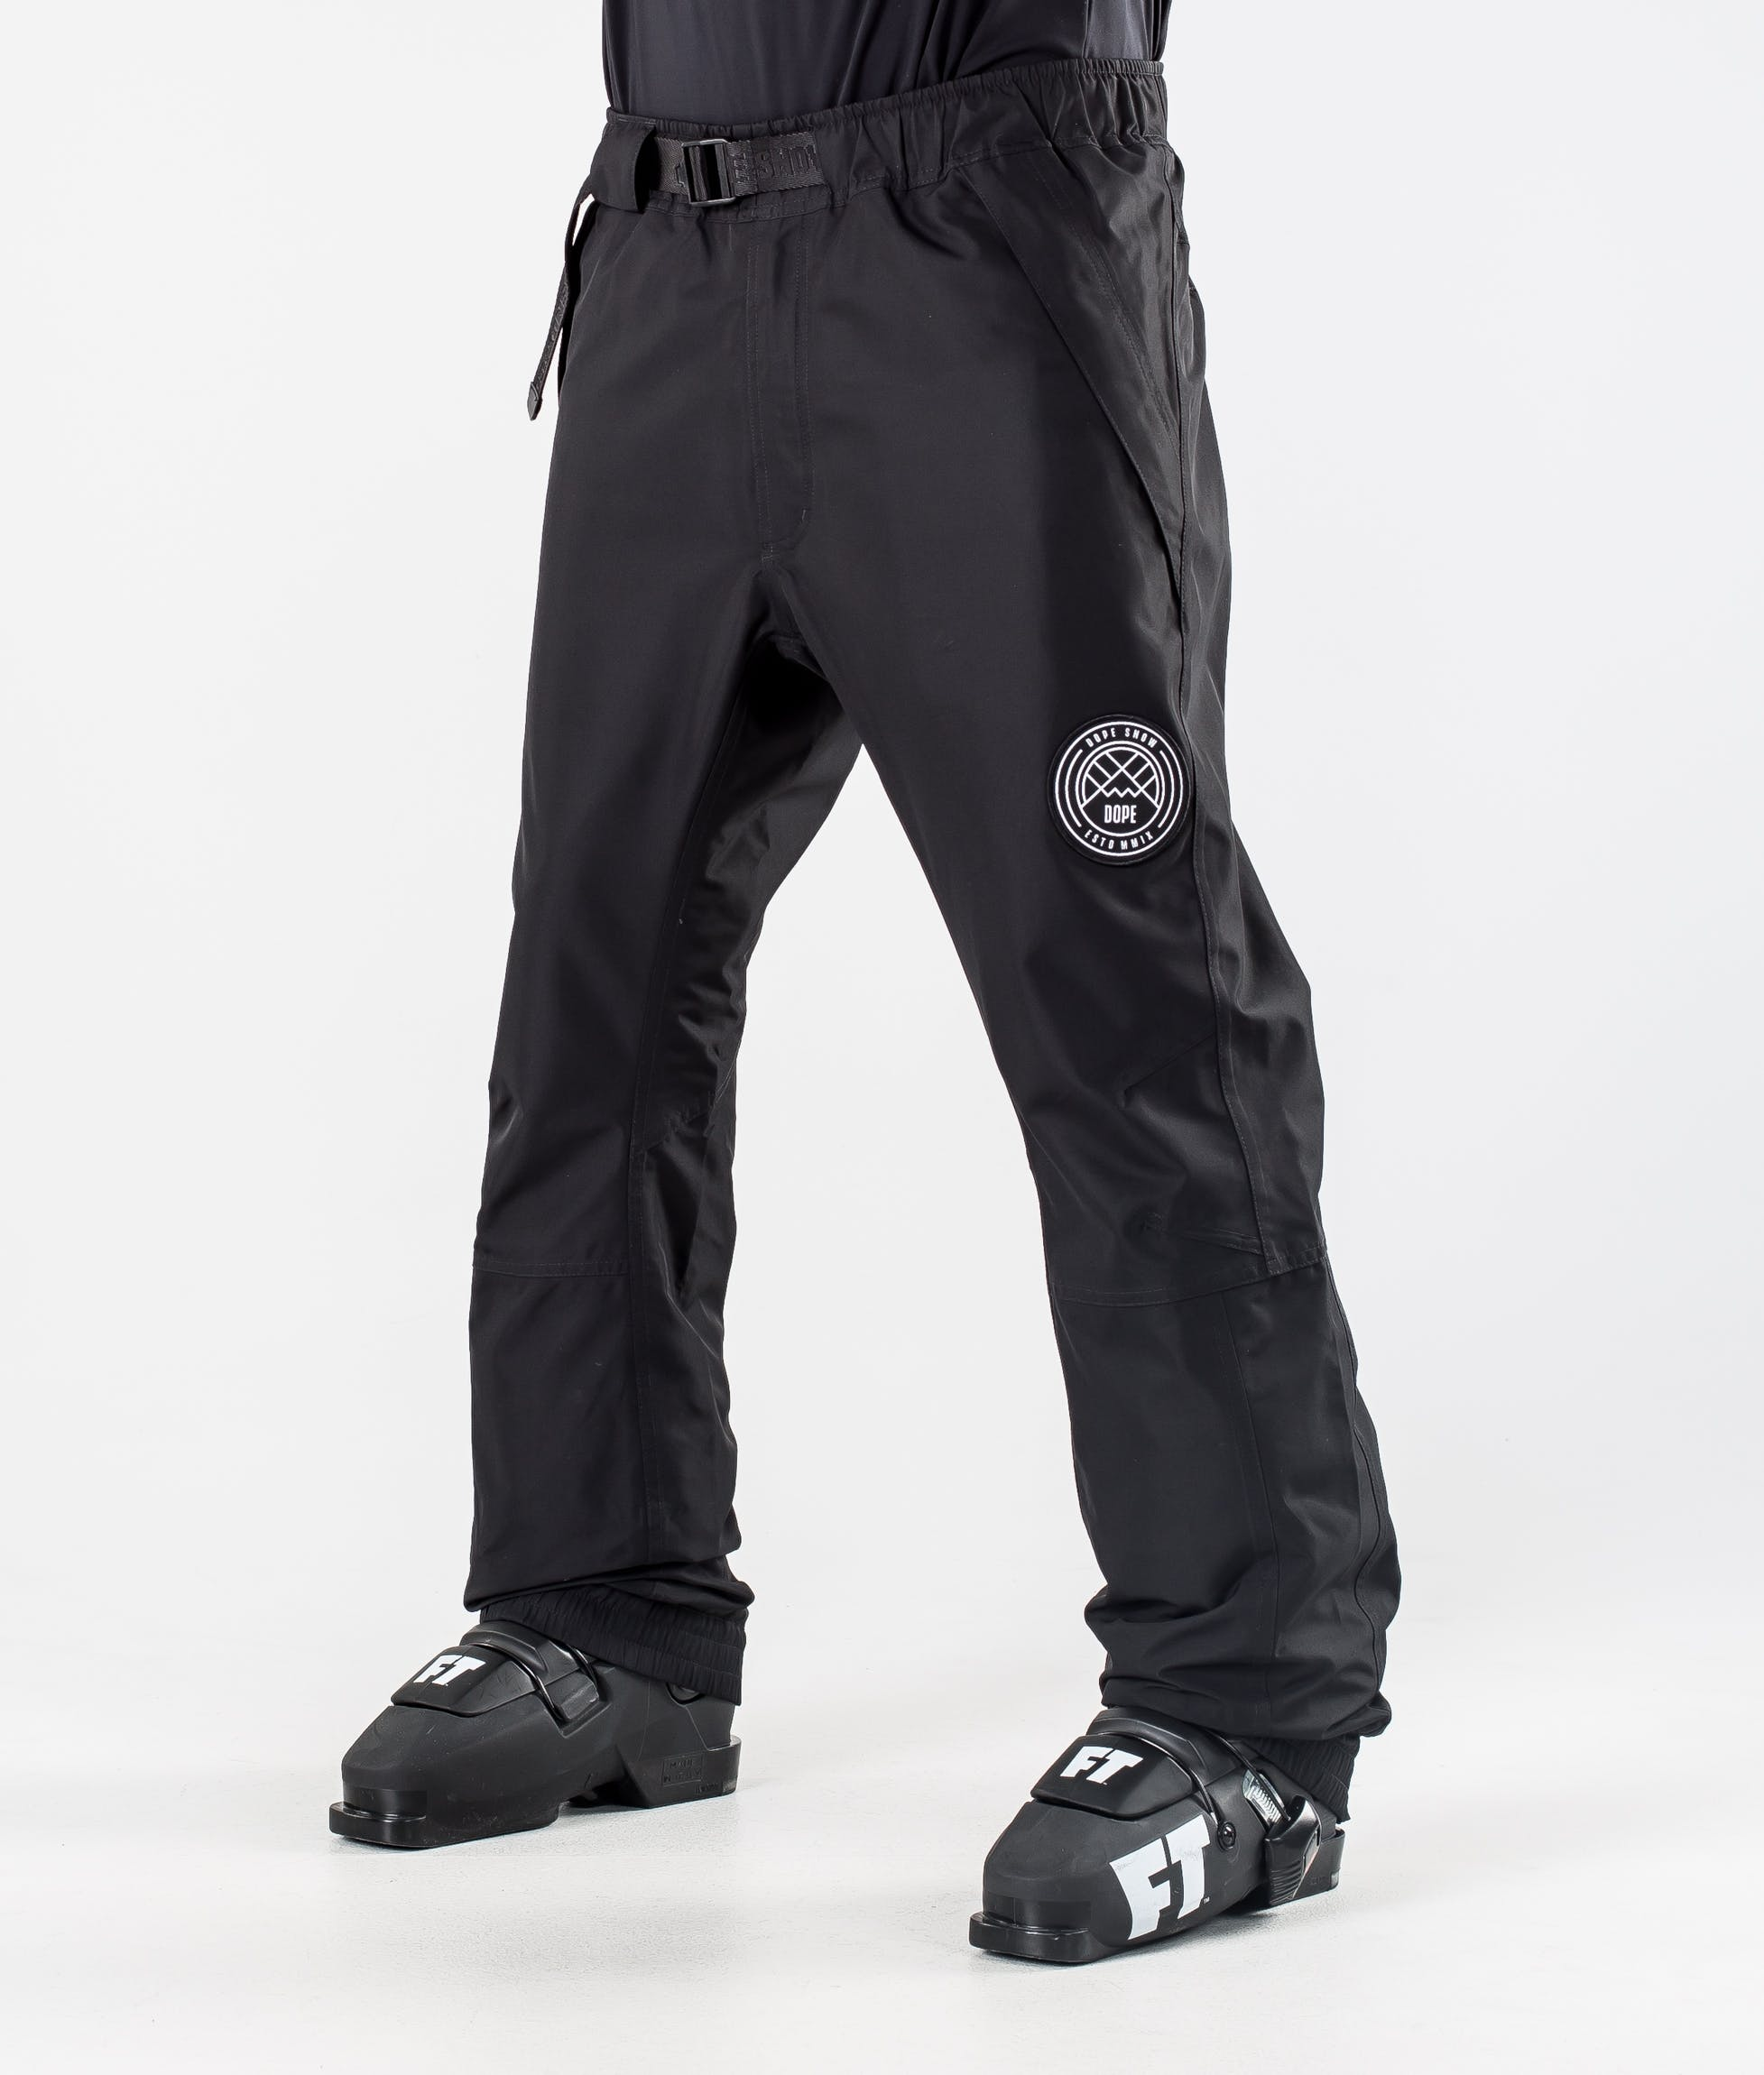 shell ski pants